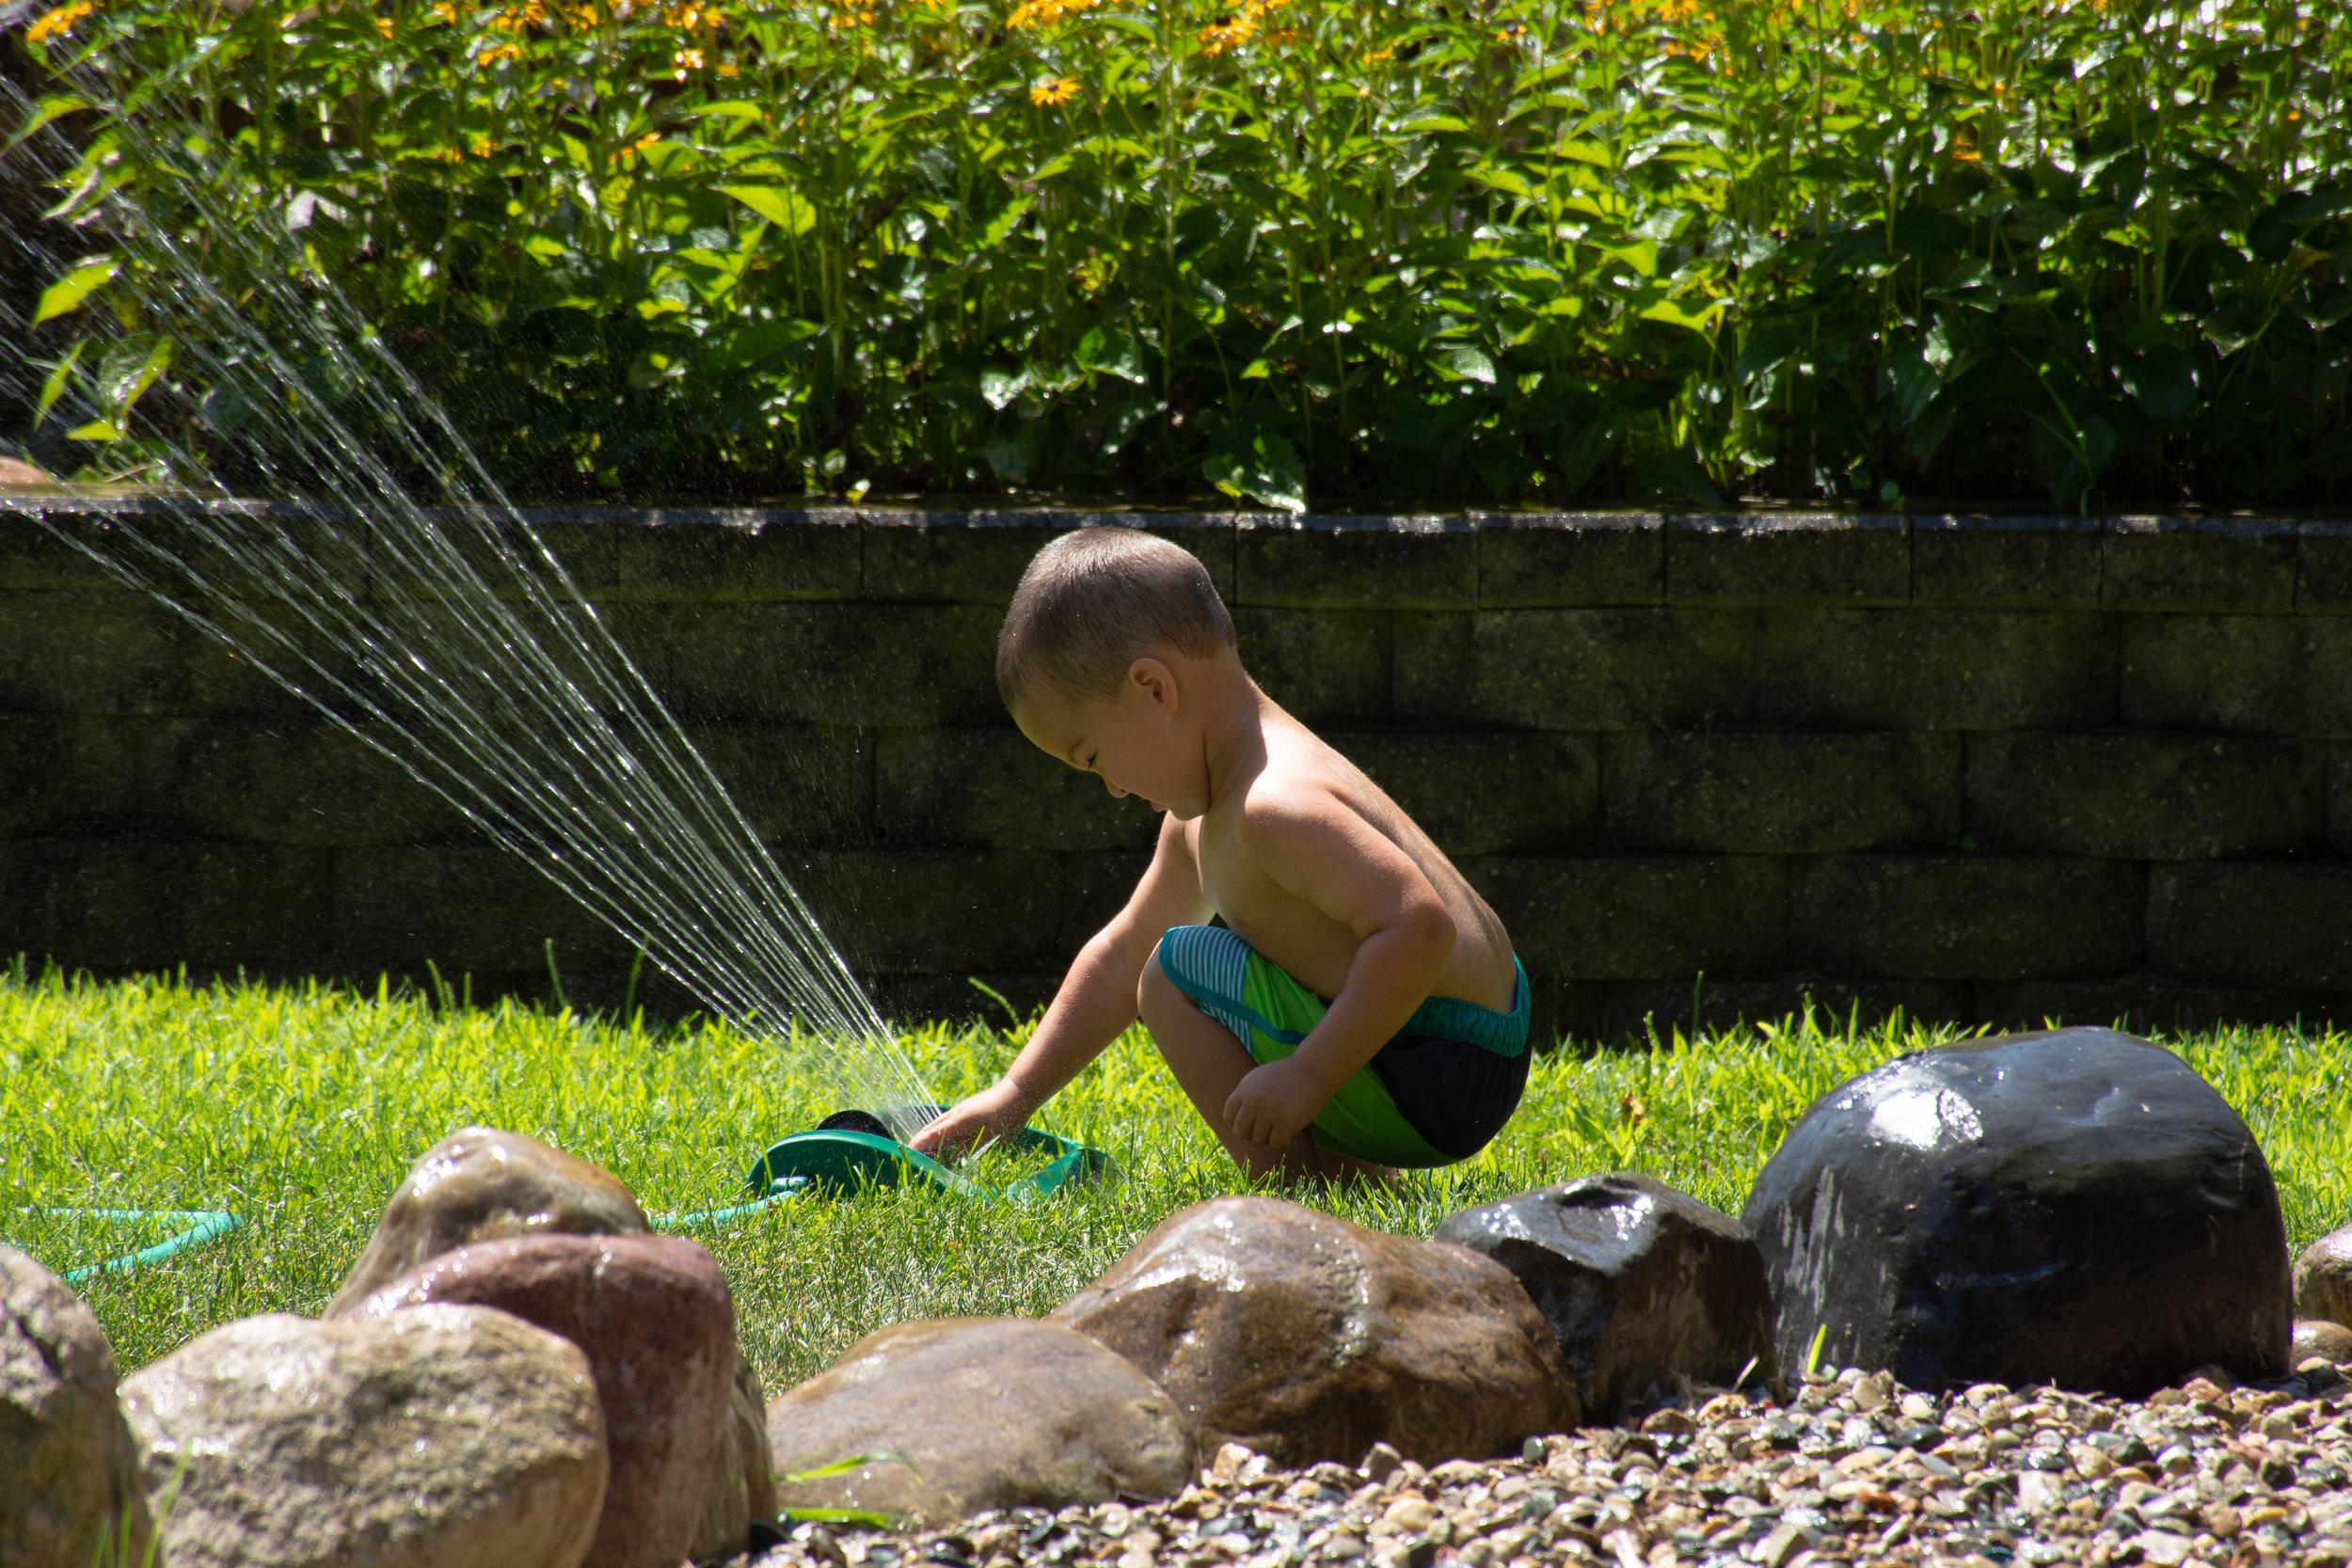 Backyard fun 2.jpg